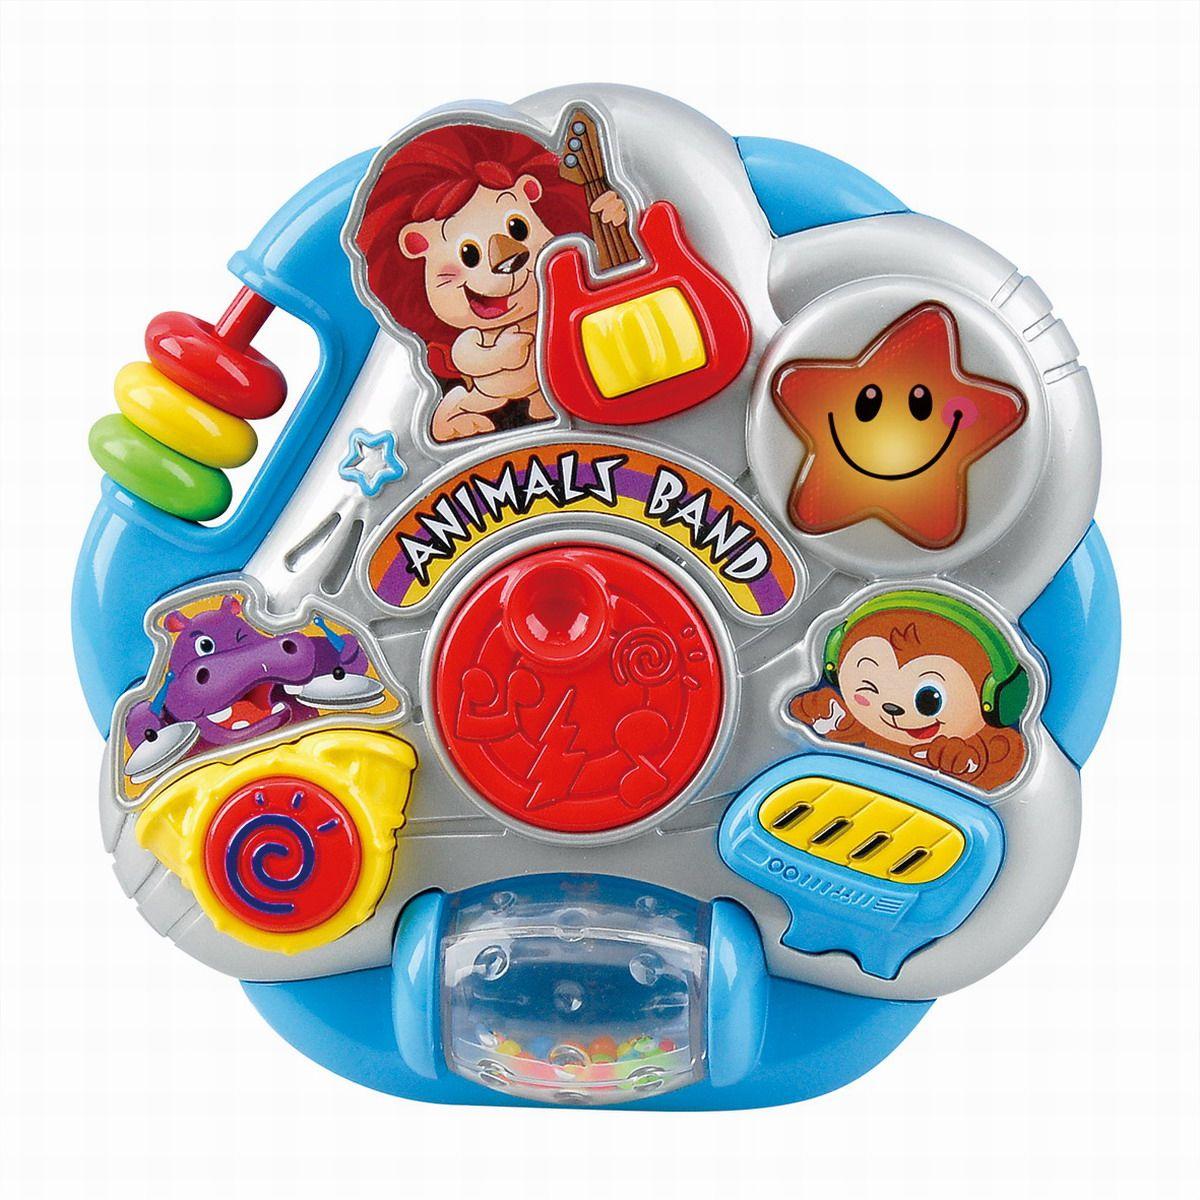 Playgo Развивающая игрушка Оркестр с животными сортеры playgo развивающая игрушка самолет сортер